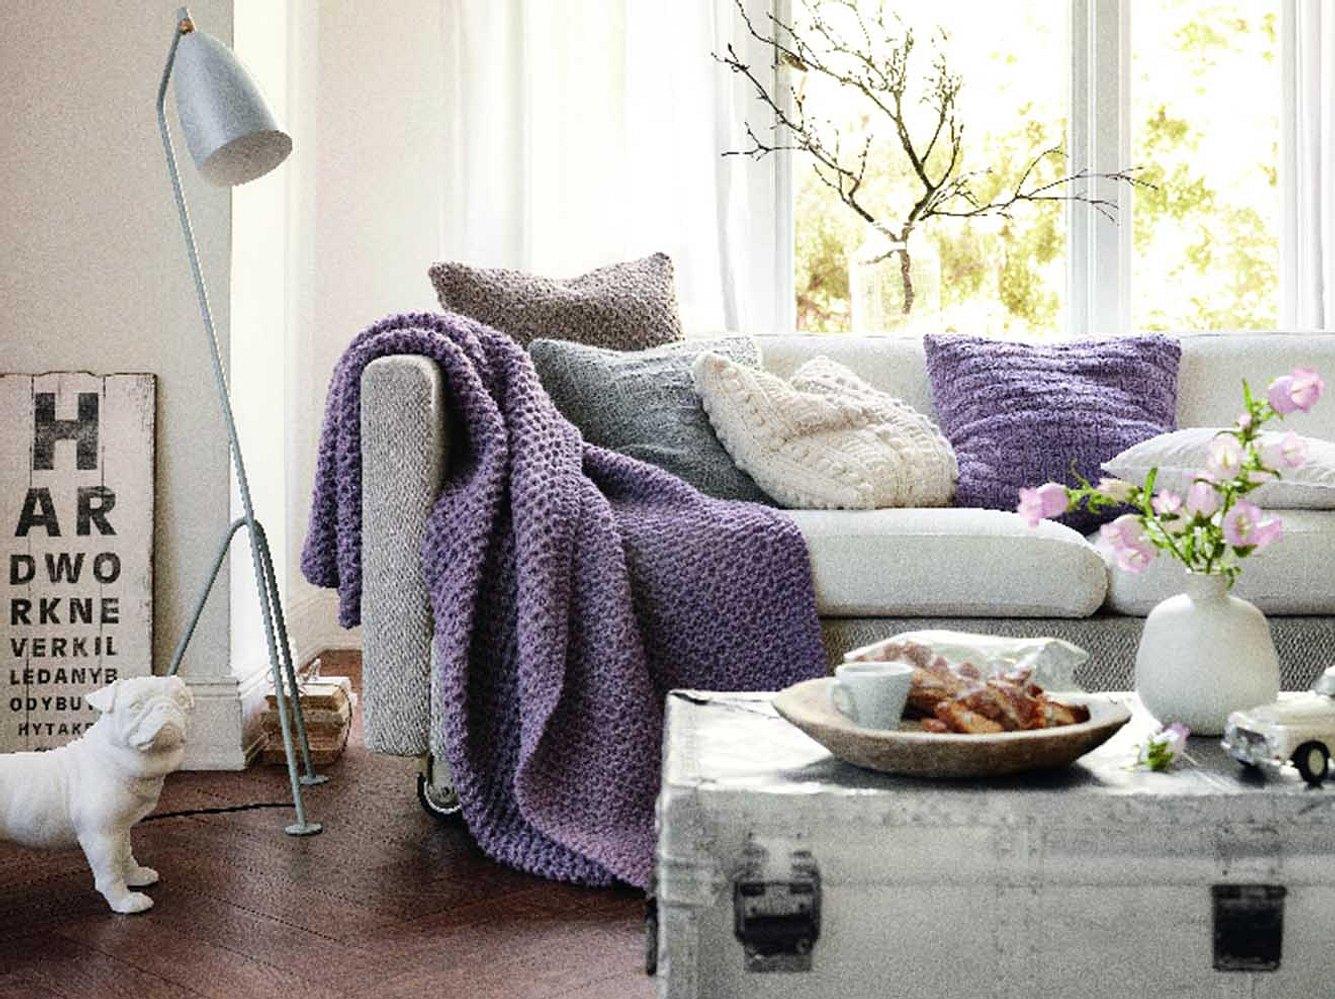 Gemütlich und schön: Diese Decke passt auf jedes Sofa.